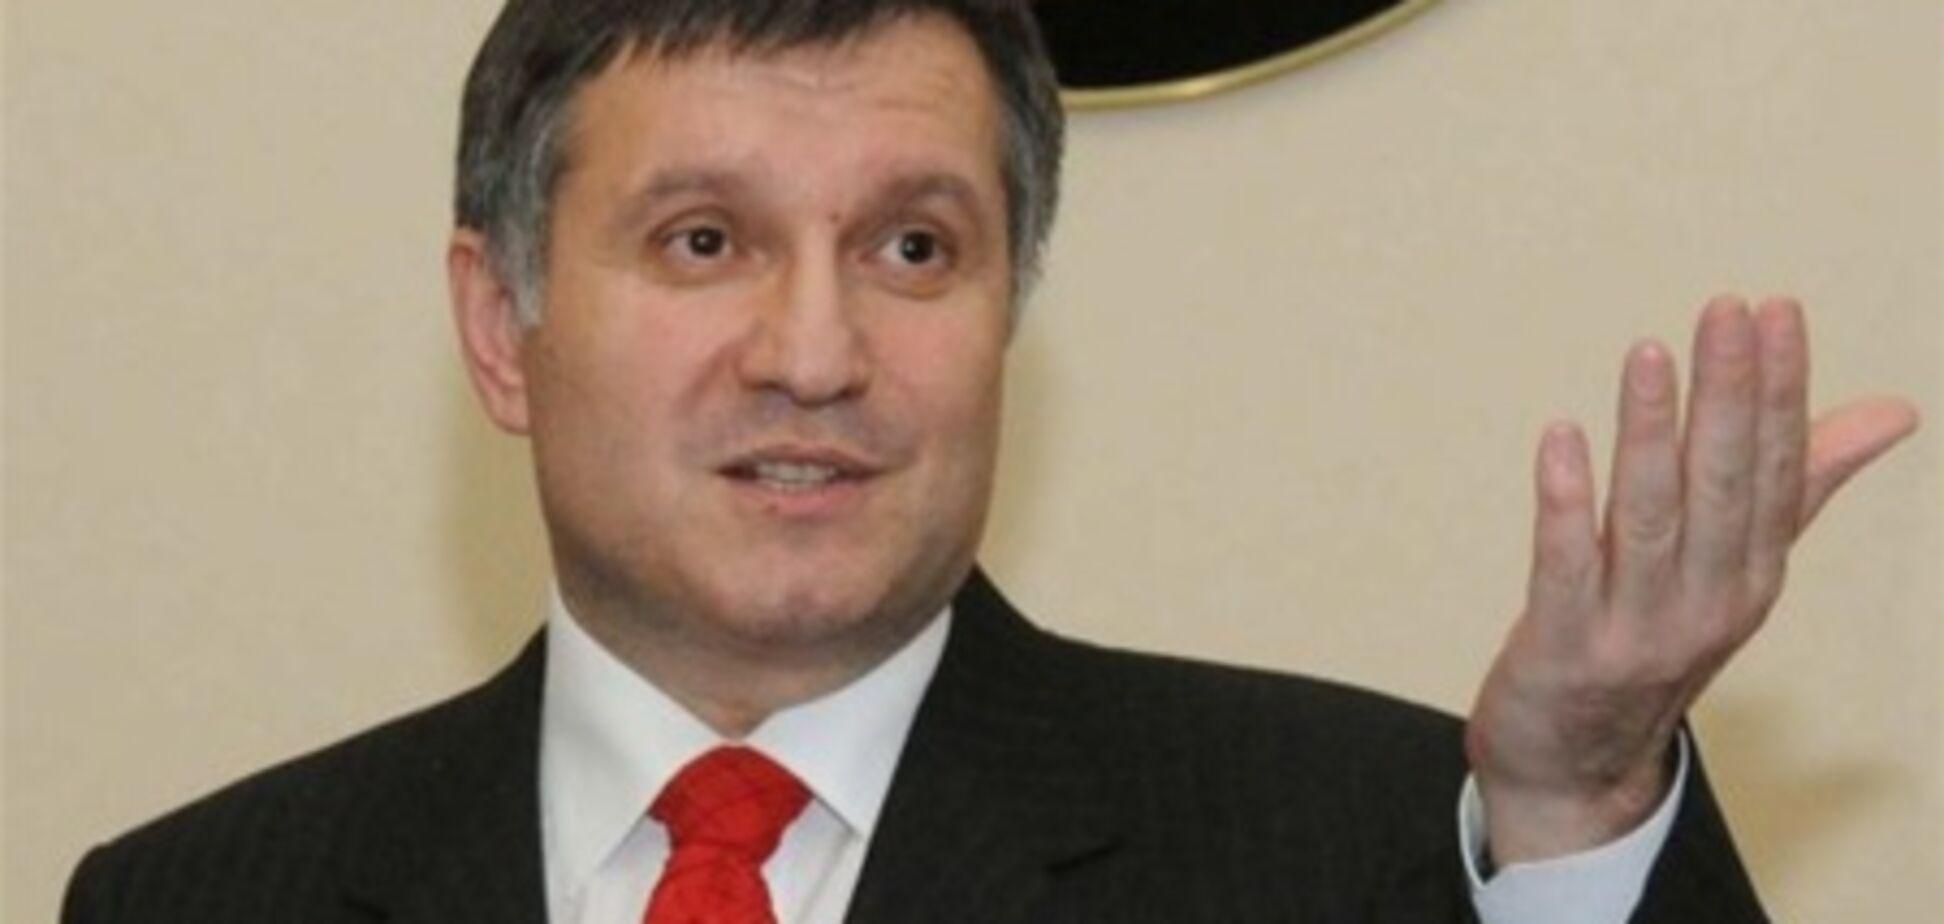 Правоохранители устроили 'маски-шоу' в квартире Авакова